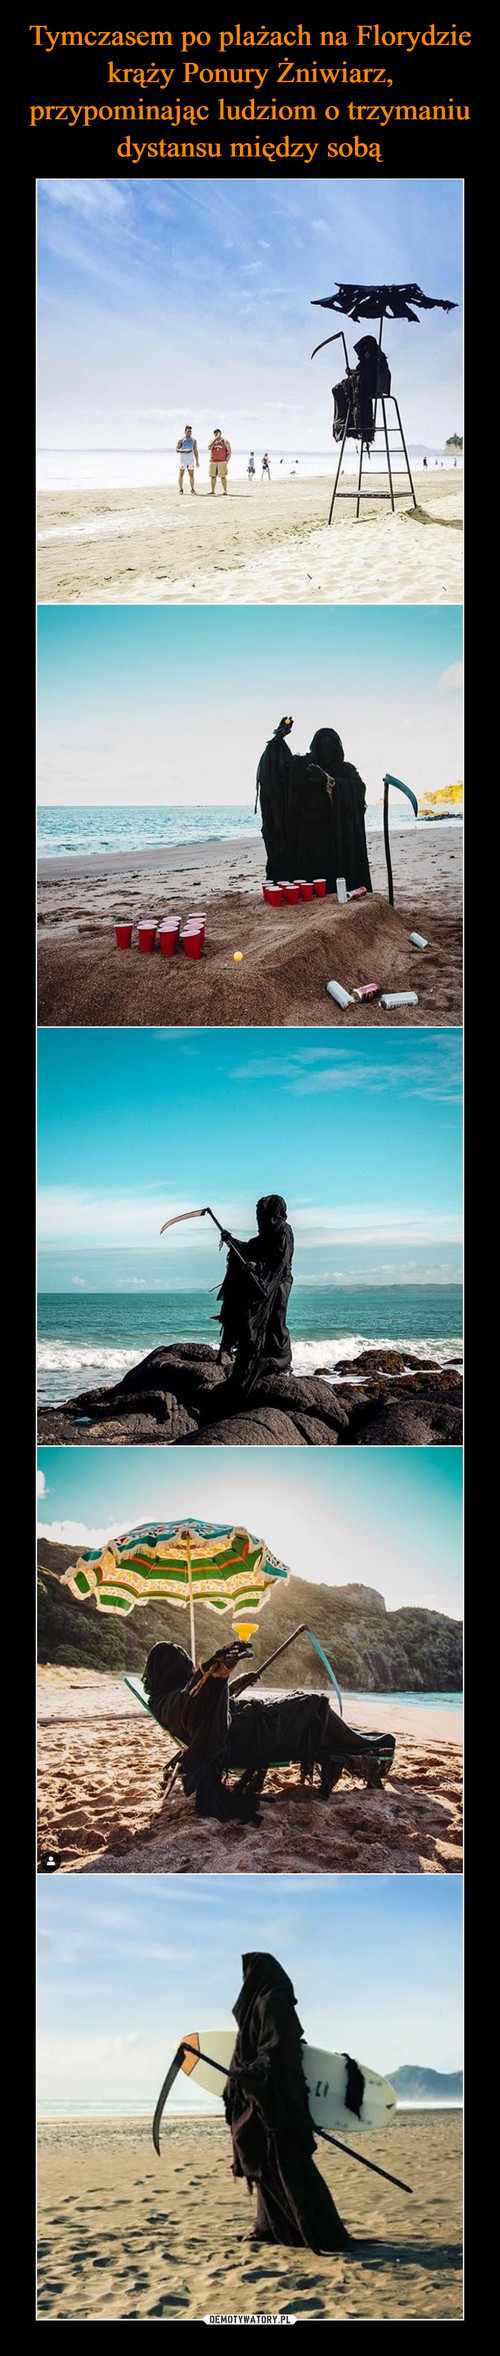 Tymczasem po plażach na Florydzie krąży Ponury Żniwiarz, przypominając ludziom o trzymaniu dystansu między sobą